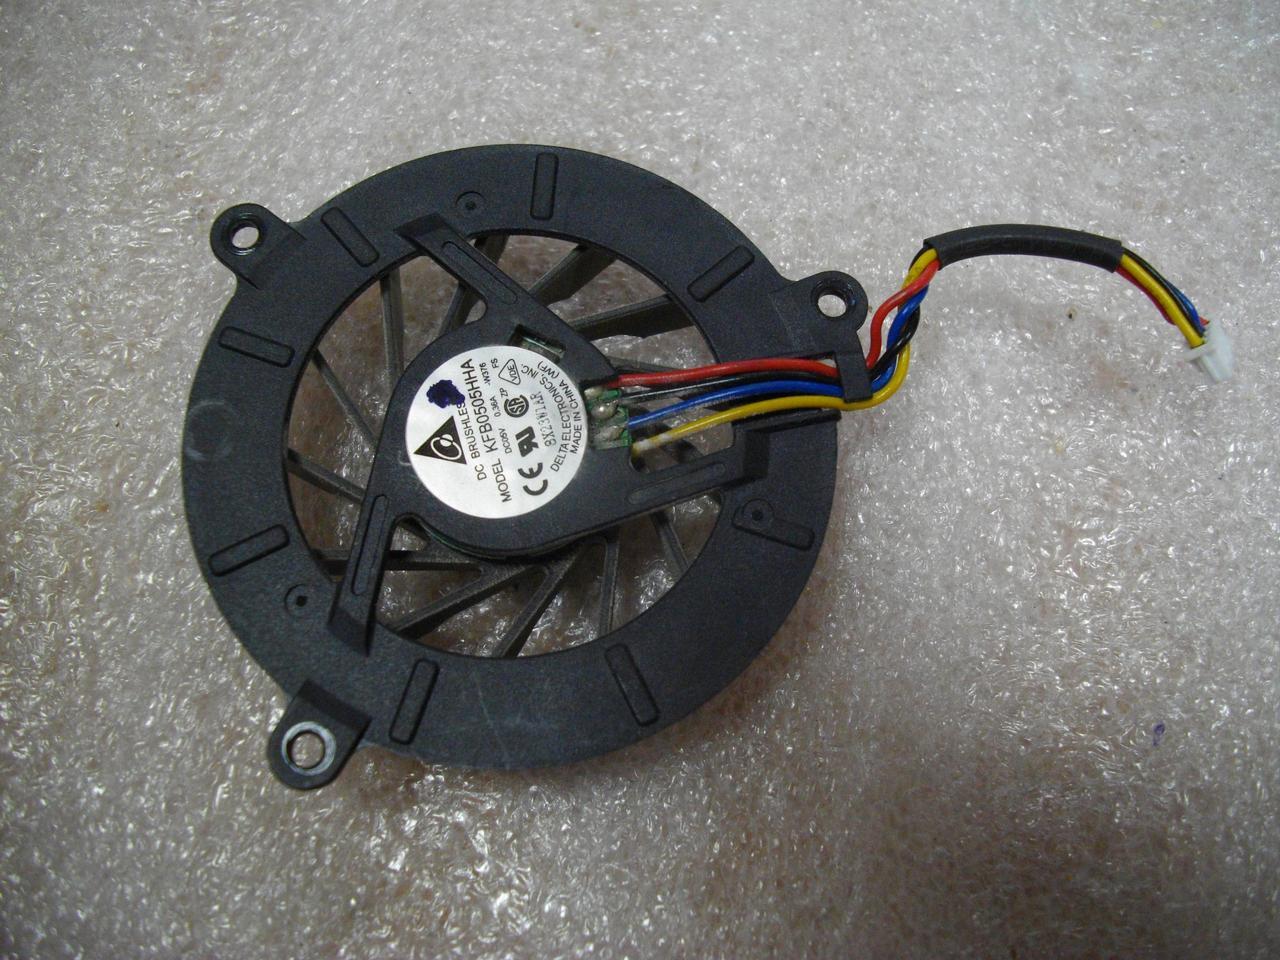 Вентилятор оригинальный KFB0505HHA Кулер Система охлаждения Asus PRO57, M51 бу